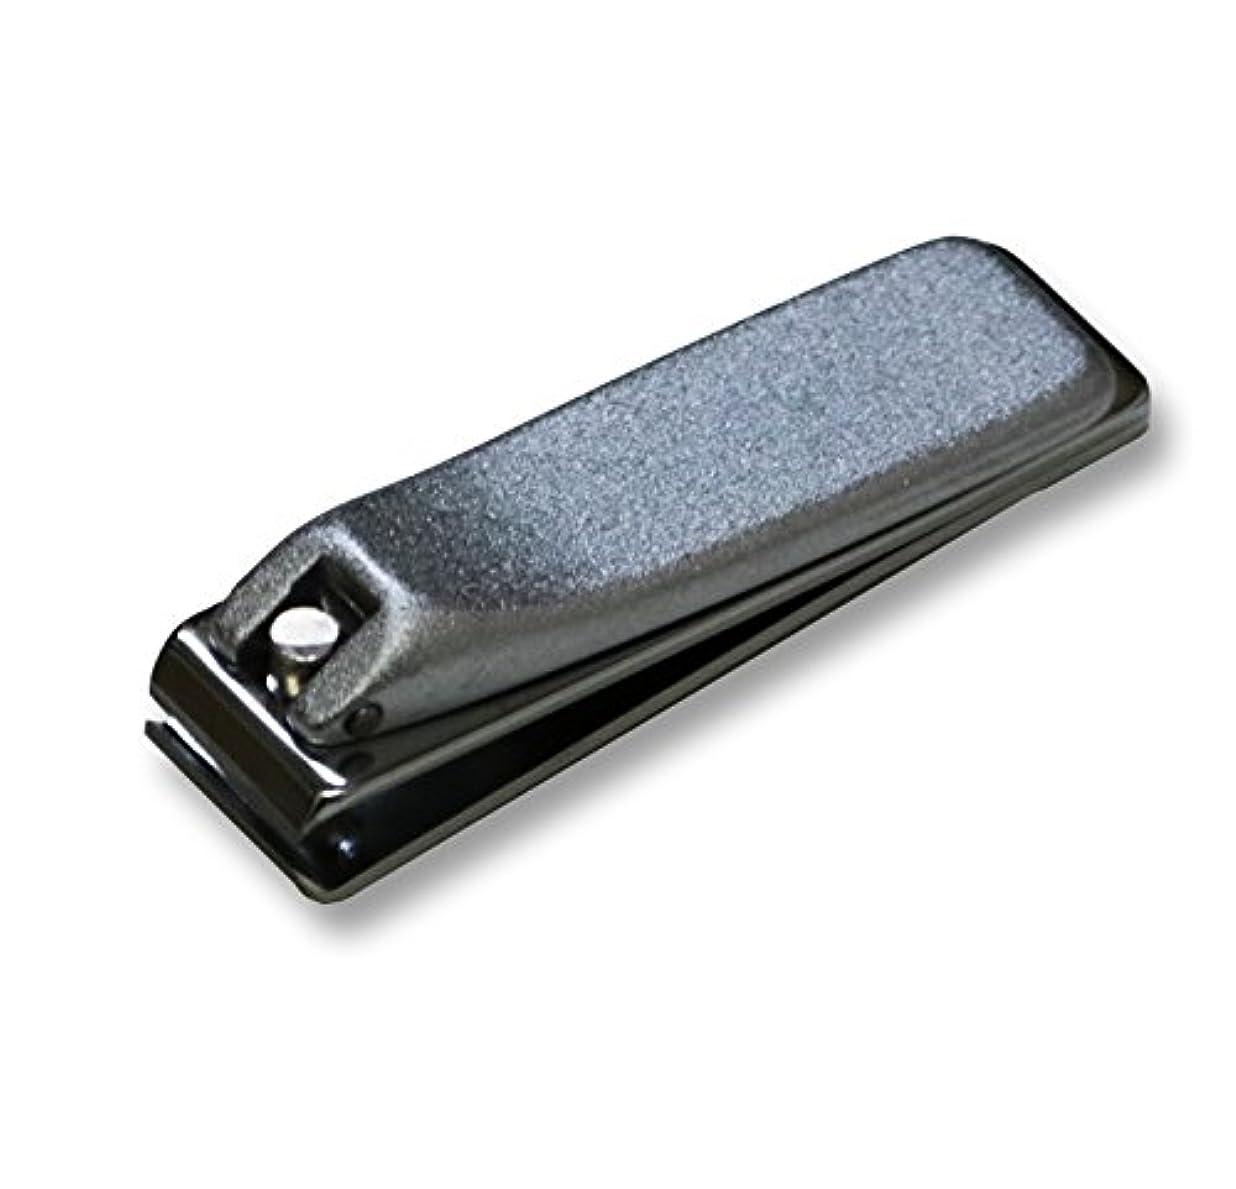 浸漬そっと危機KD-035 関の刃物 クローム爪切 直刃 小 カバー無